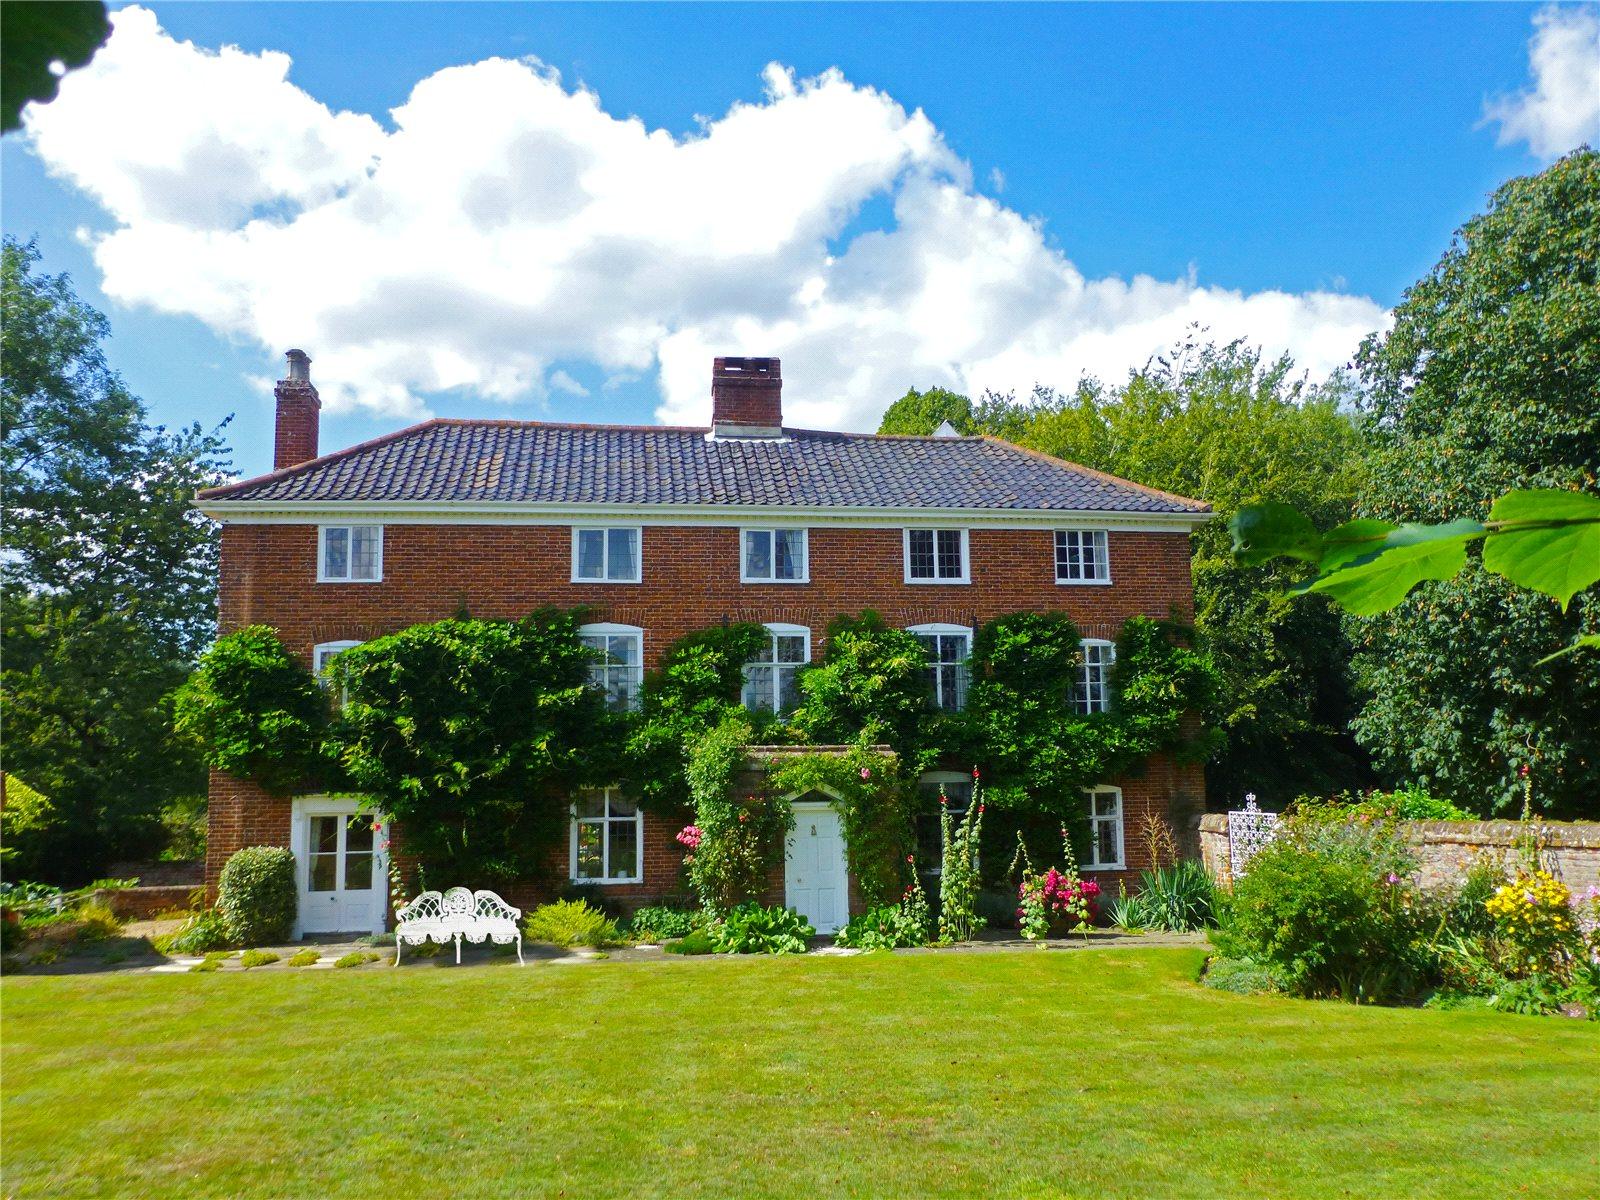 Casa Unifamiliar por un Venta en Low Road, Tasburgh, Norwich, NR15 Norwich, Inglaterra